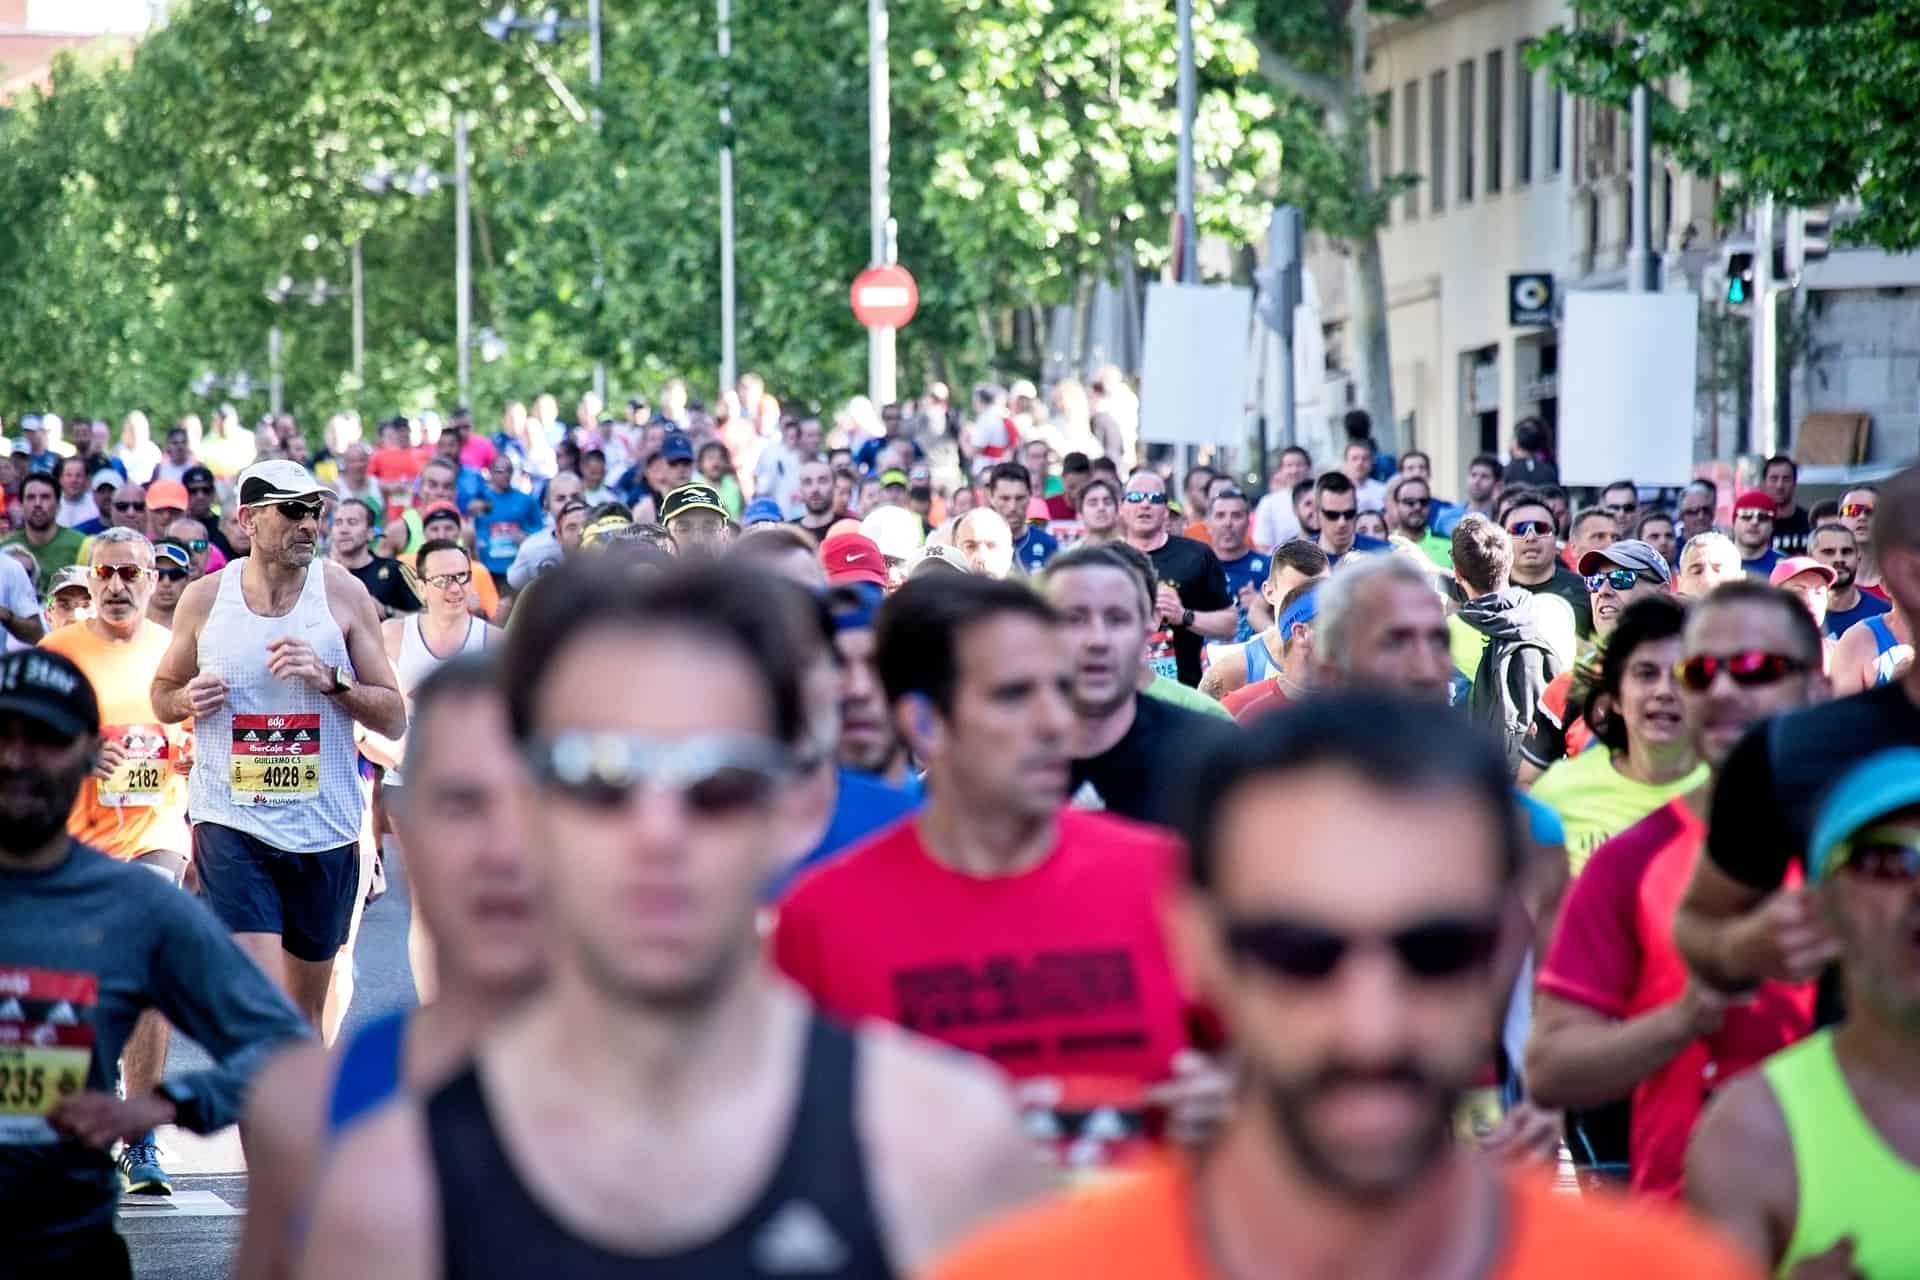 Branża sportowa apeluje ozwiększenie limitu uczestników imprez sportowych